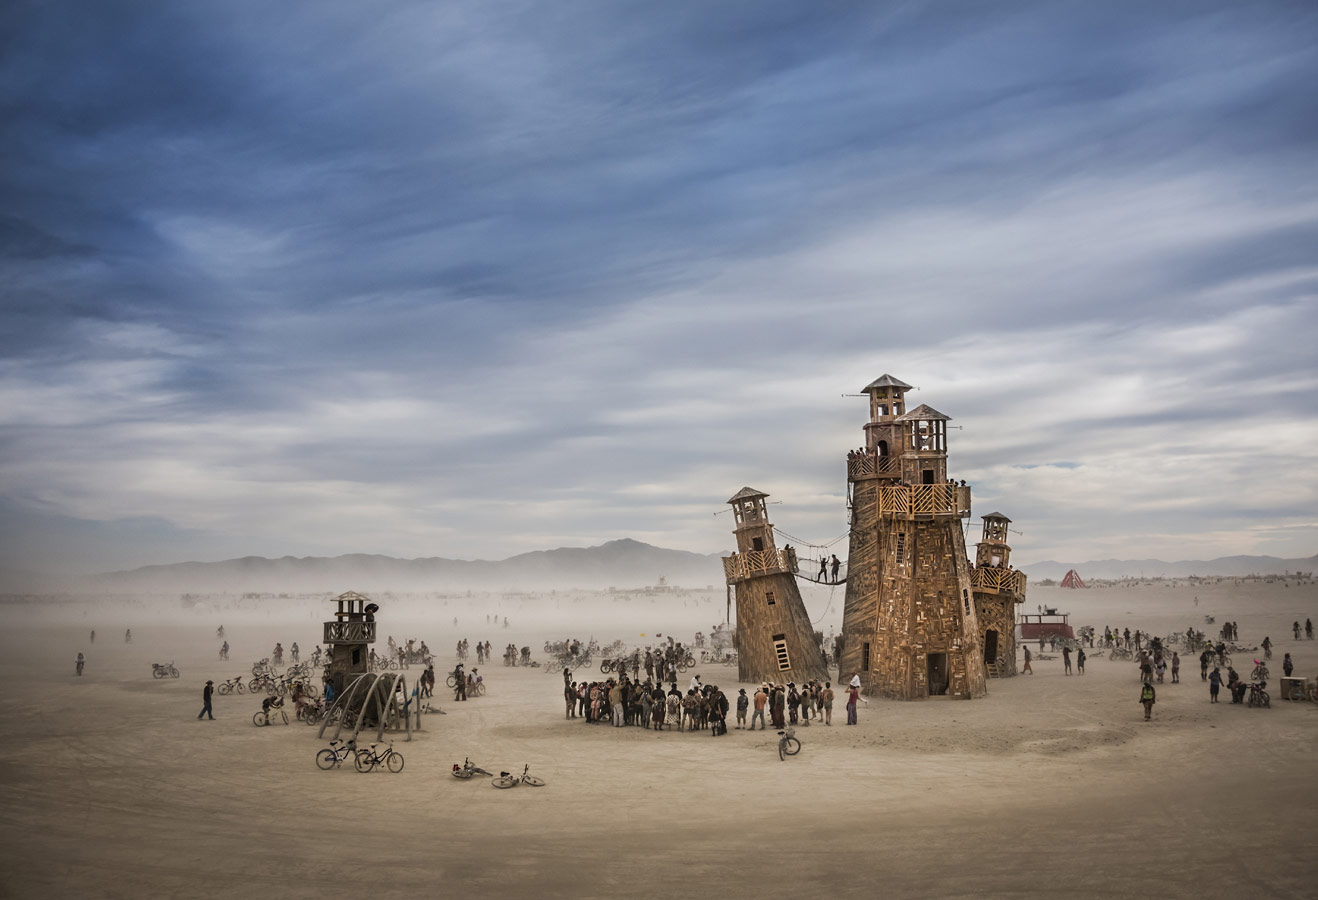 © Том Шталь (Tom Stahl), Служба маяков в Блэк-Рок (пустыня в штате Невада, США), Конкурс «Архитектурная фотография»